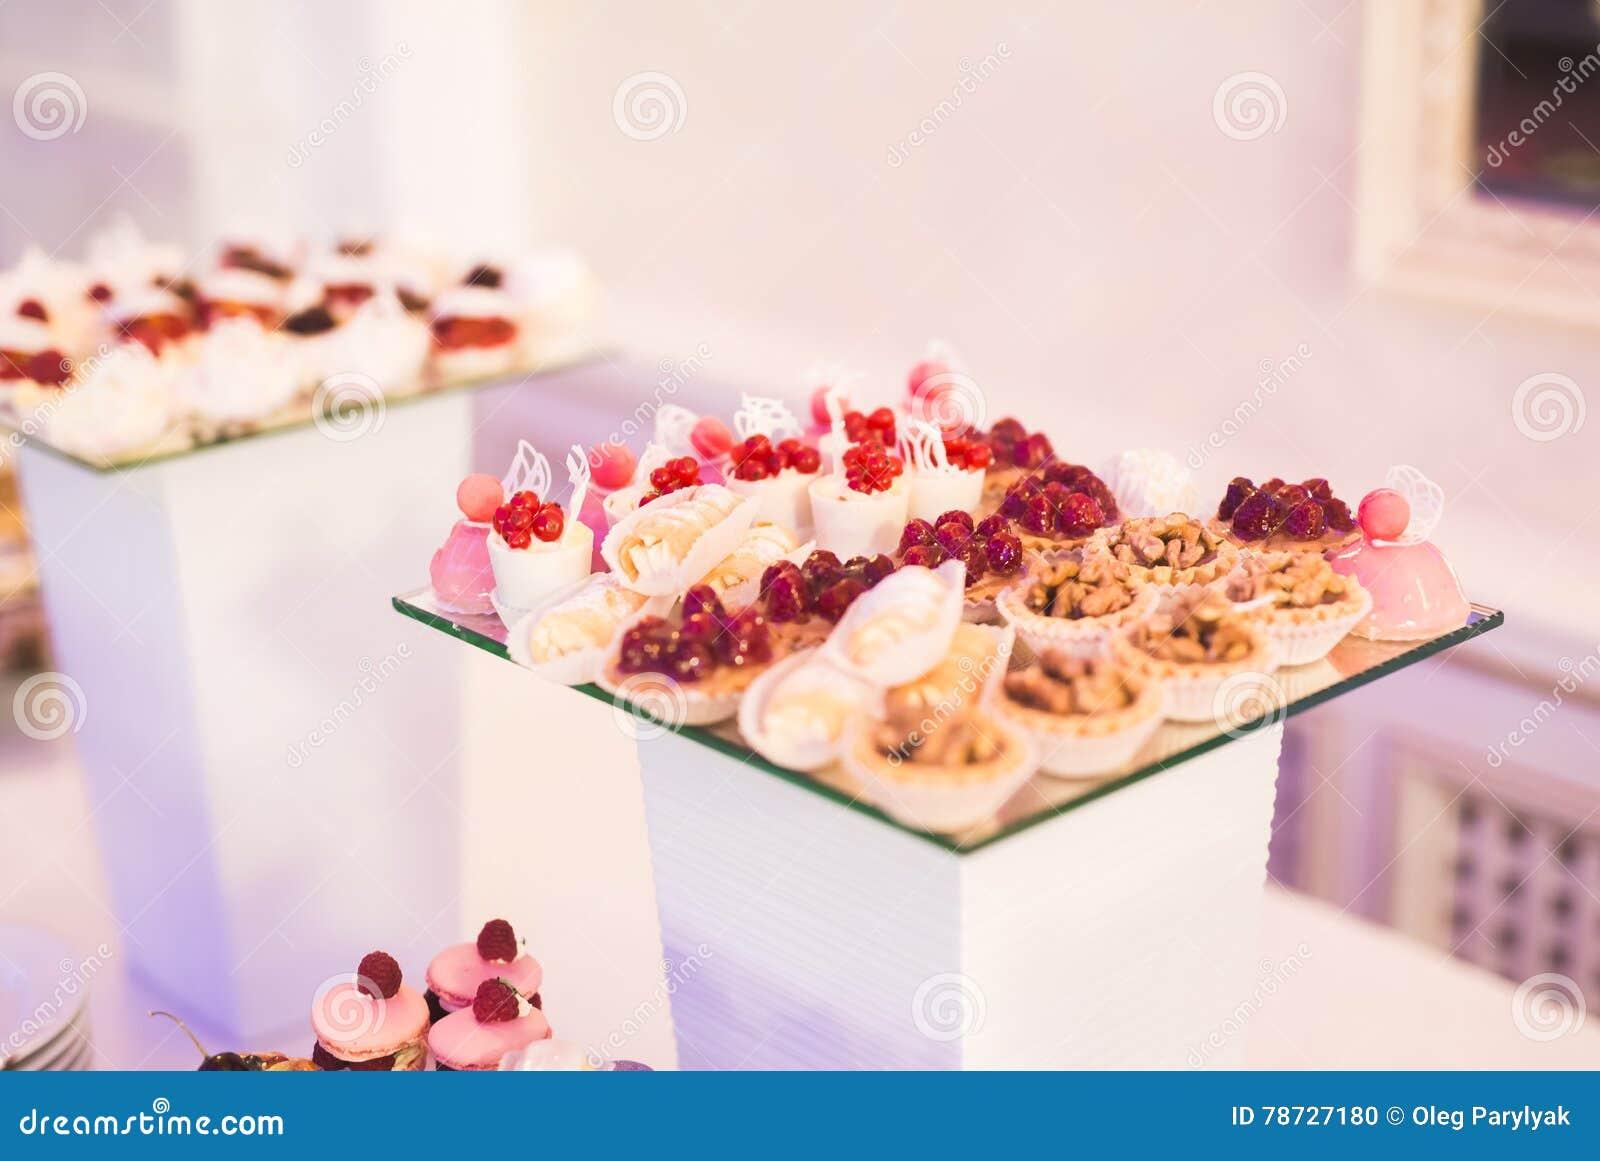 Knuffa omkring med en variation av läckra sötsaker, matidéer, beröm